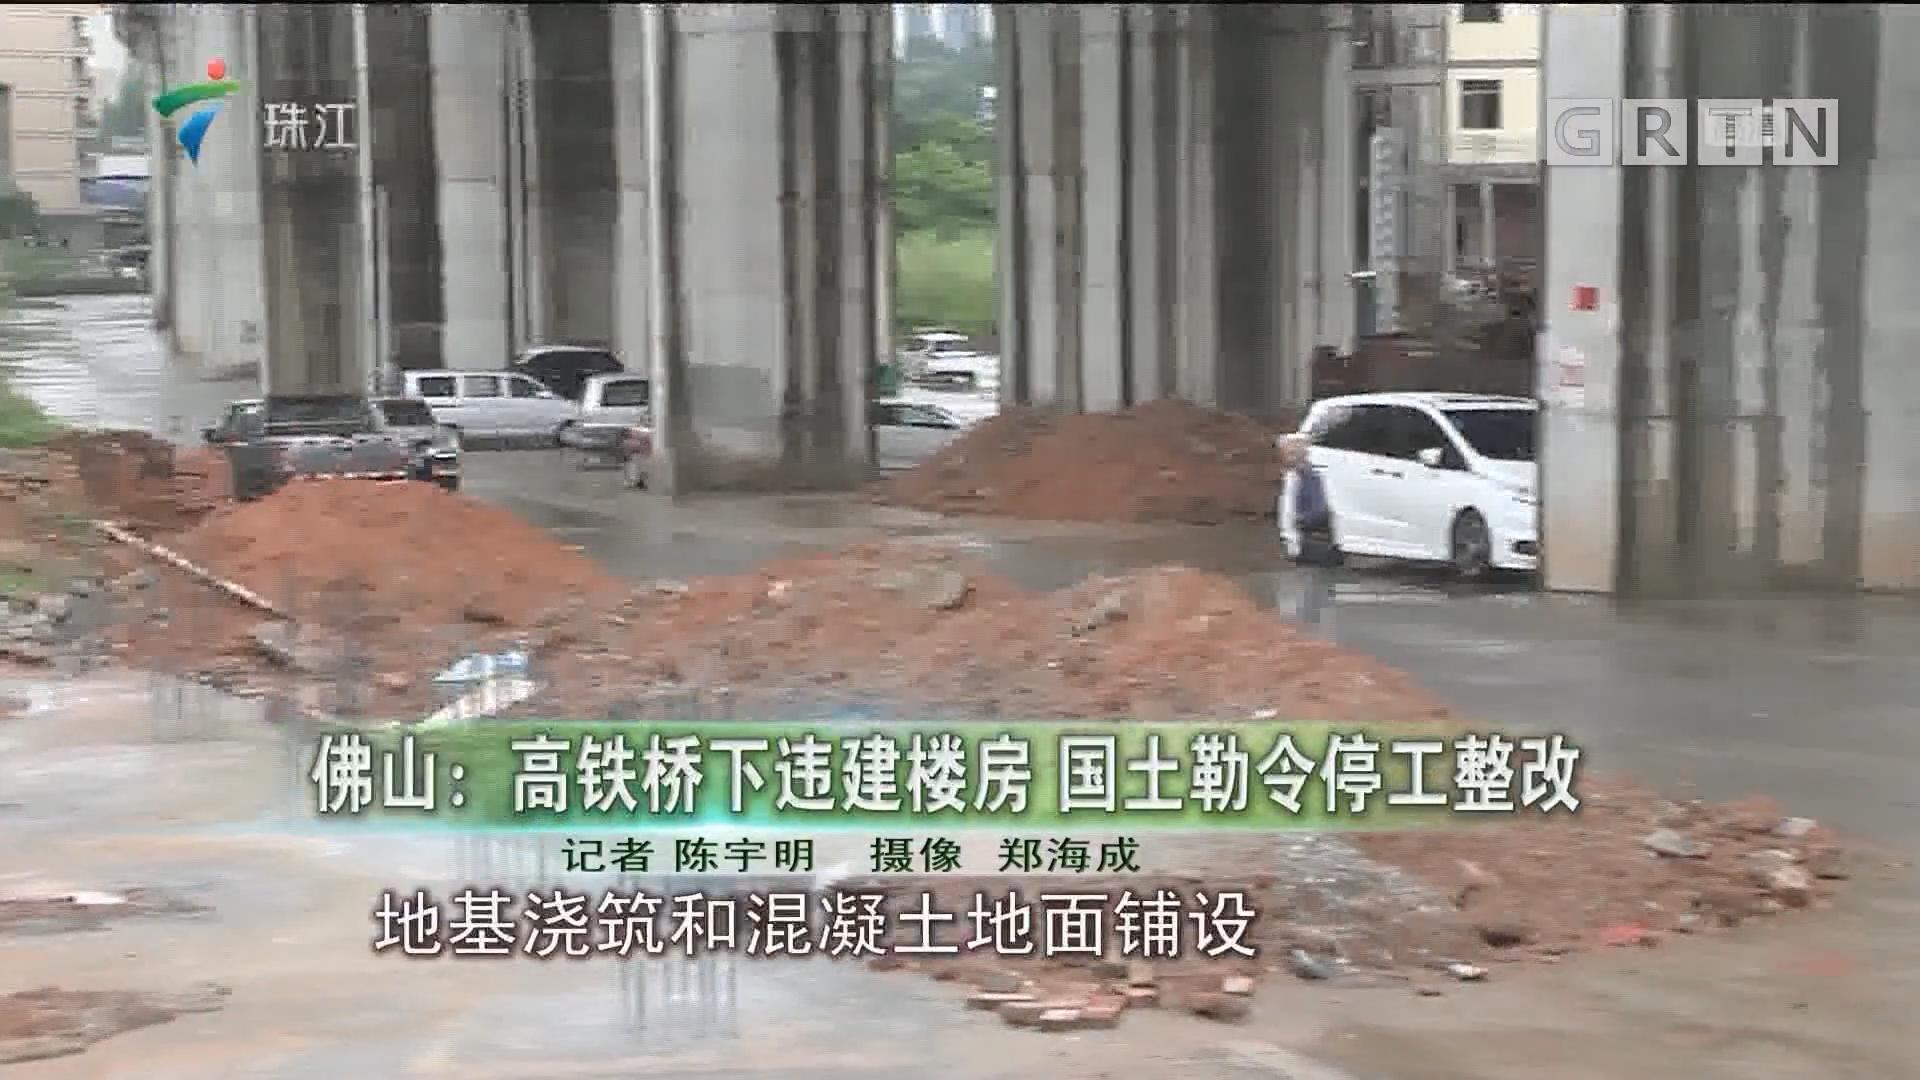 佛山:高铁桥下违建楼房 国土勒令停工整改